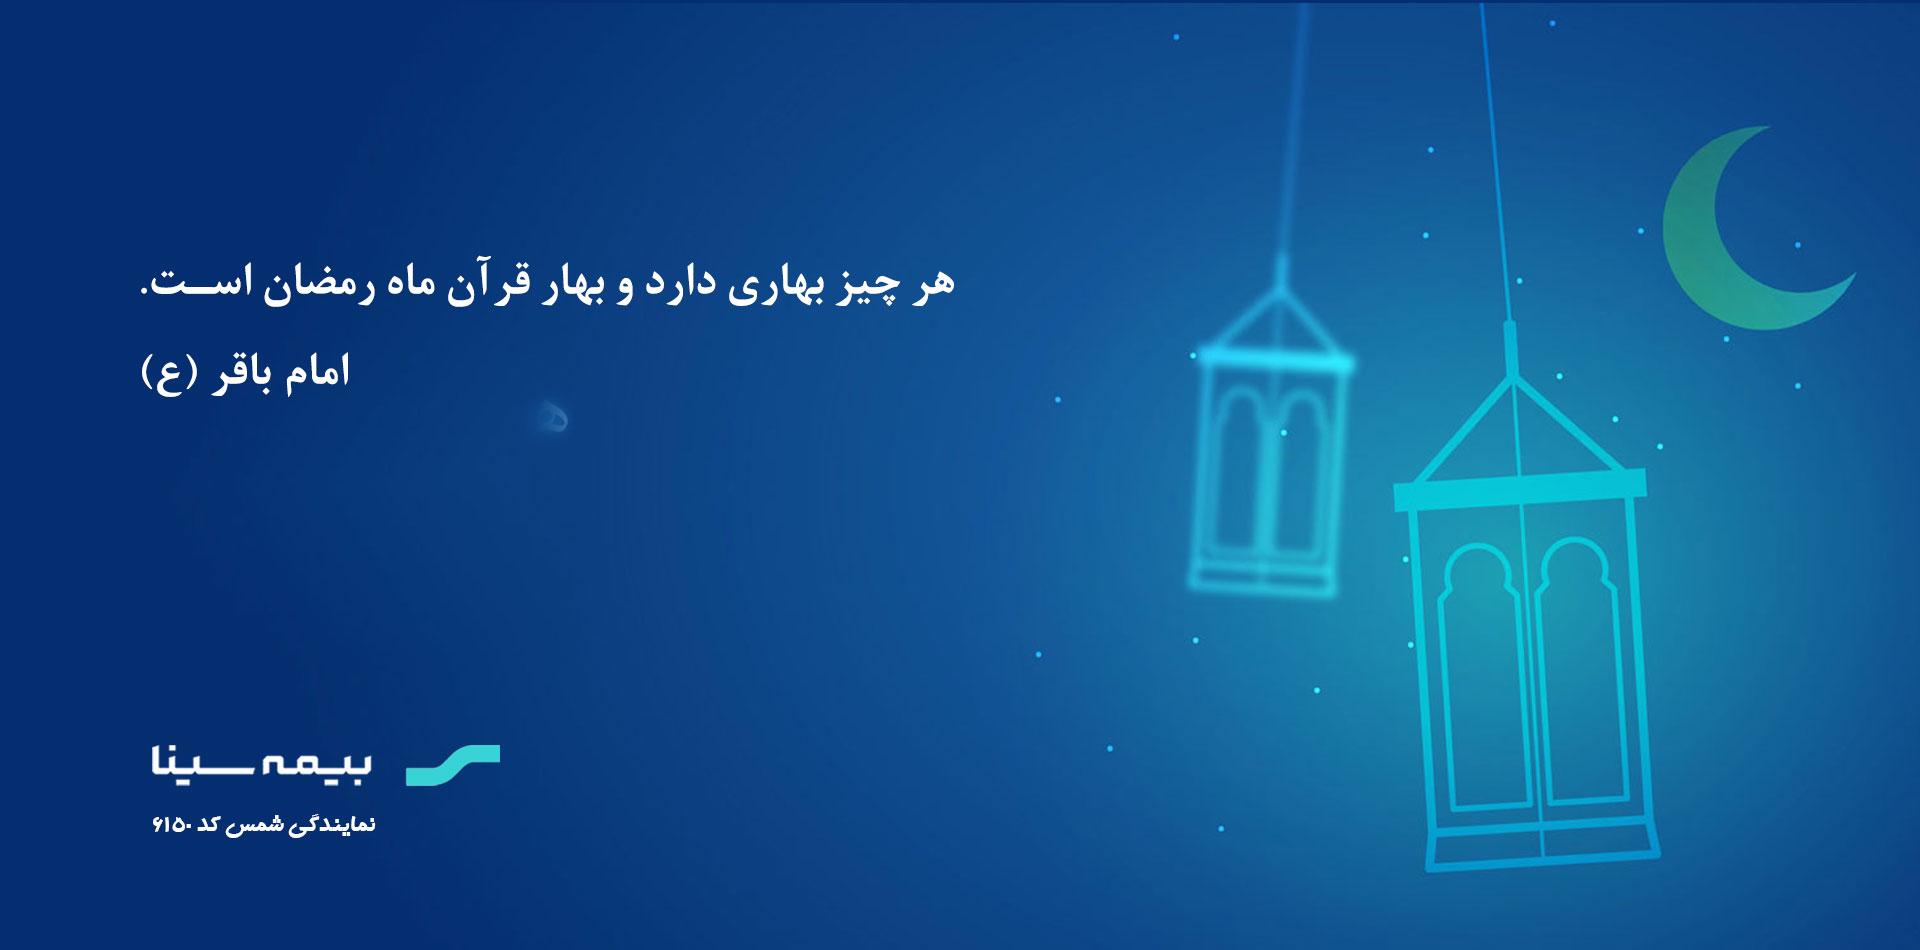 ماه مبارک رمضان بیمه سینا نمایندگی شمس